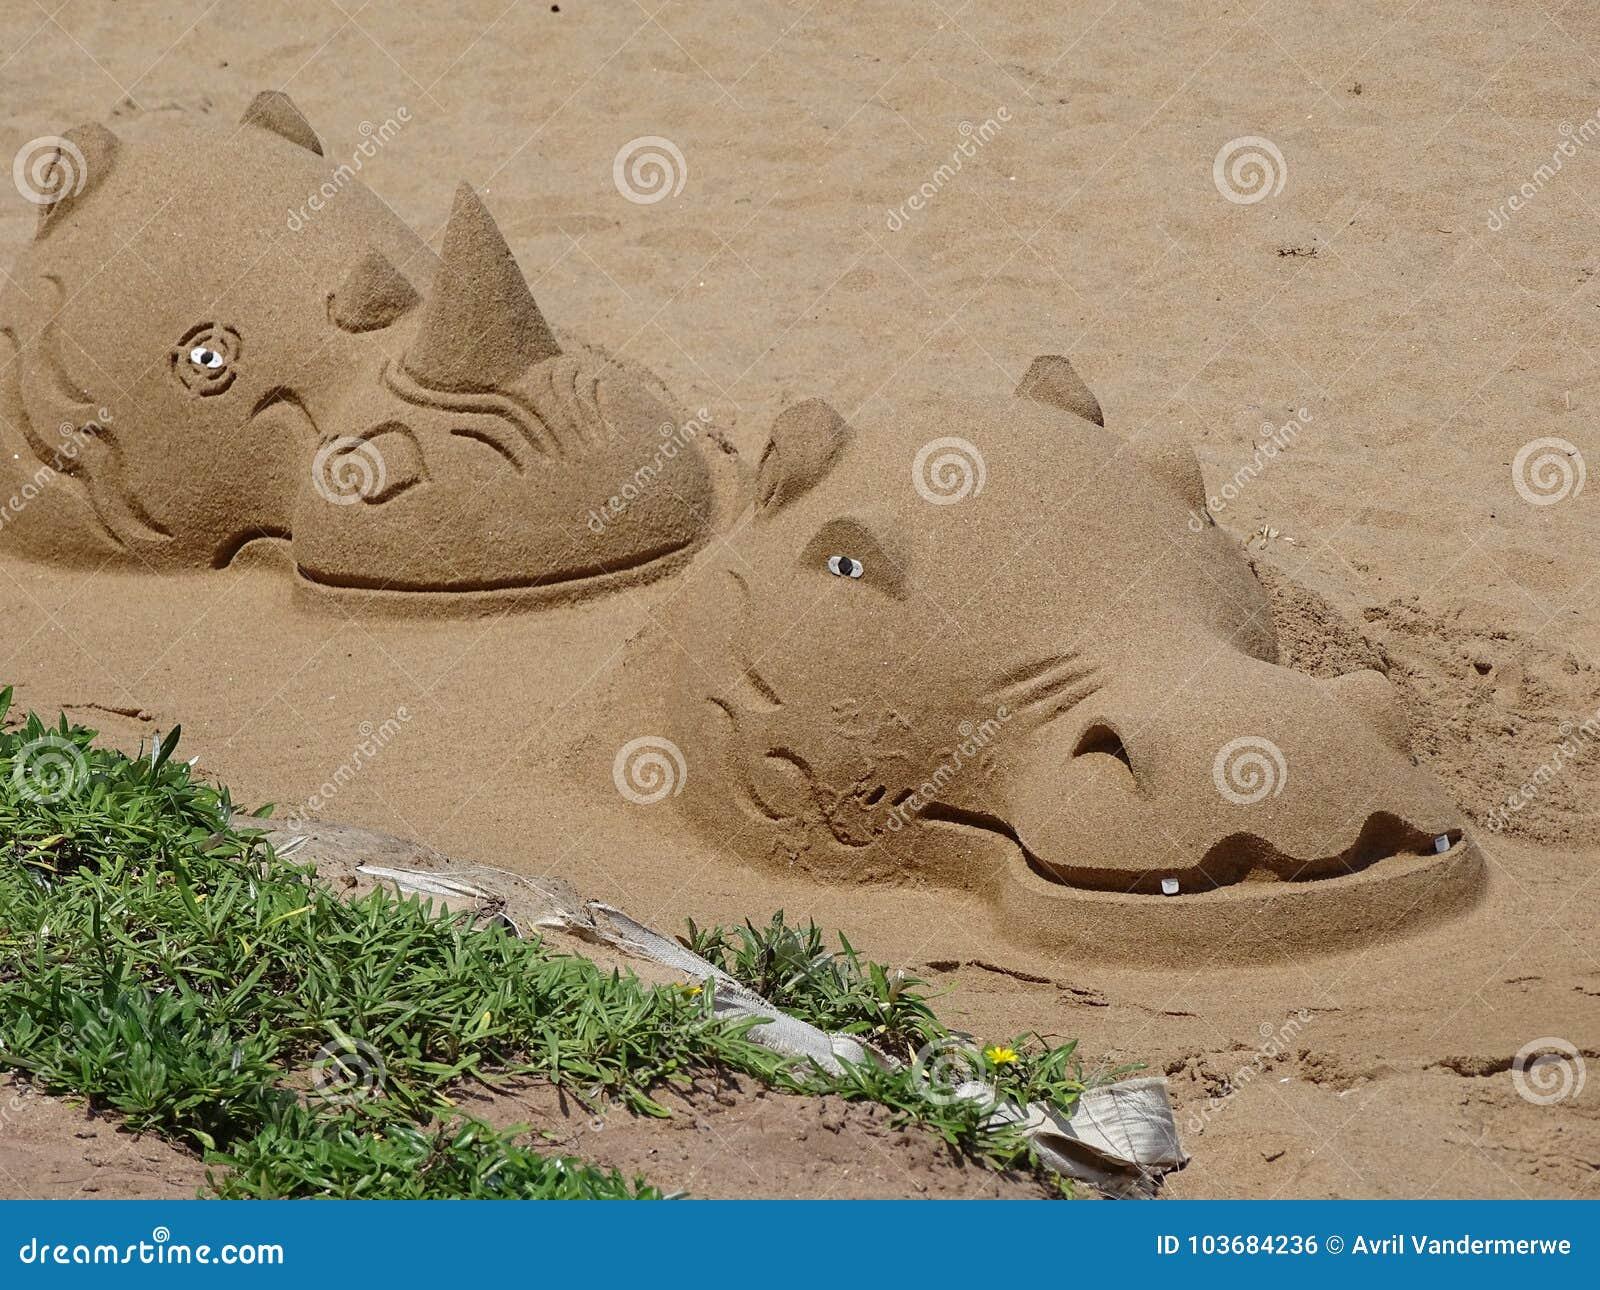 Wildlife Sculpture in Sand